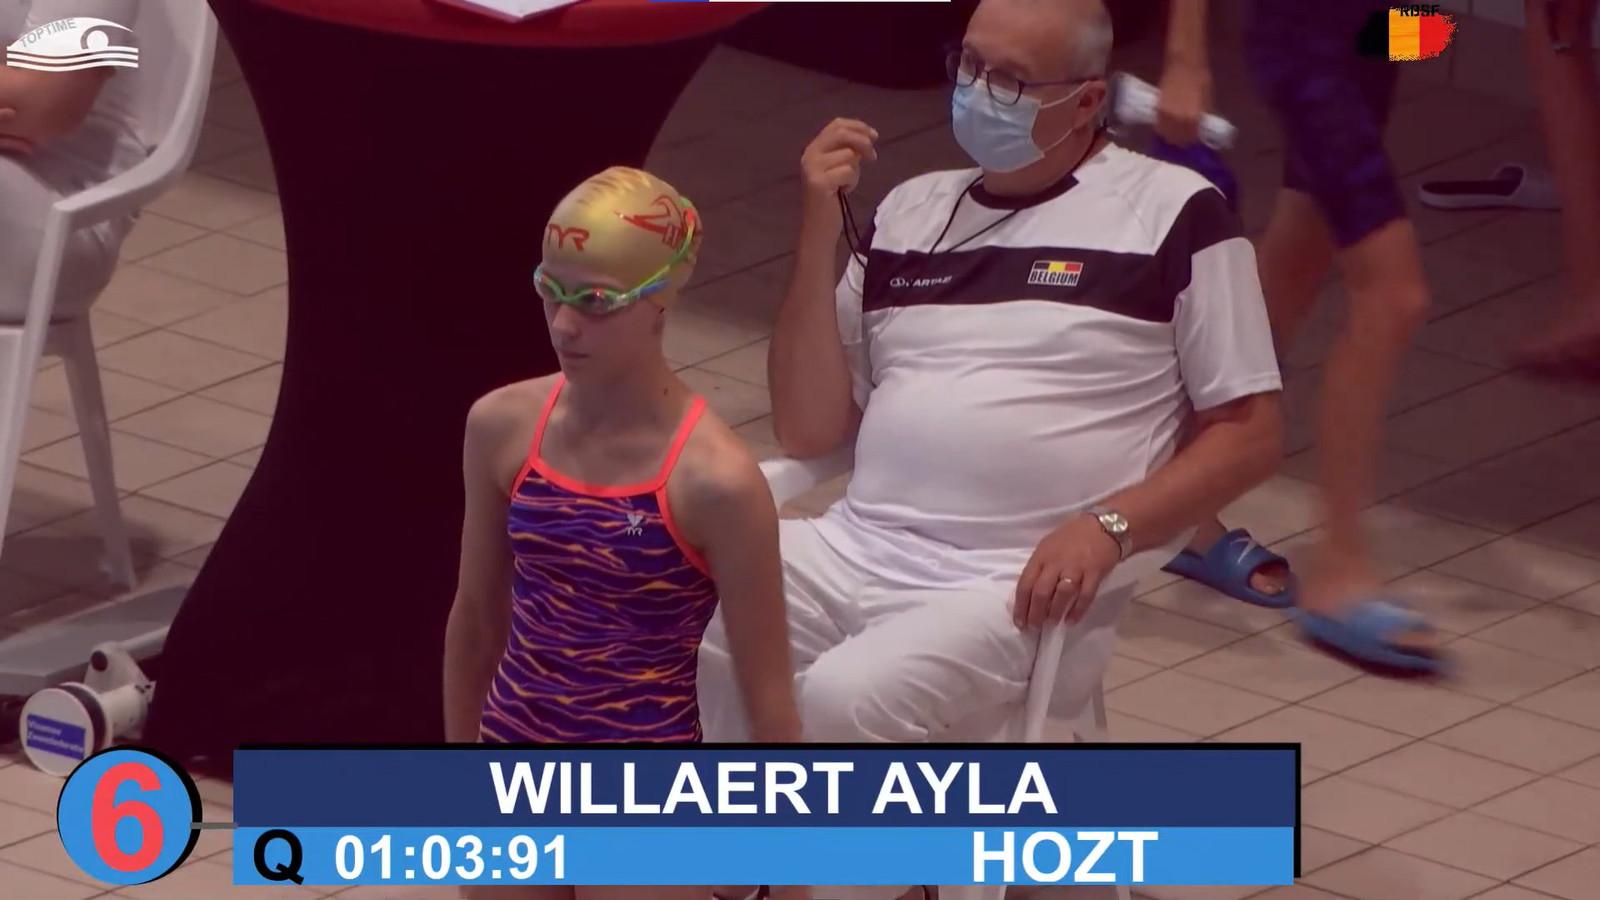 Het Hoogstraats Zwemteam (HoZT) wist vijf medailles te halen, allemaal dankzij Elina Van de Cloot. Maar ook Ayla Willaert gaf het beste van zichzelf.